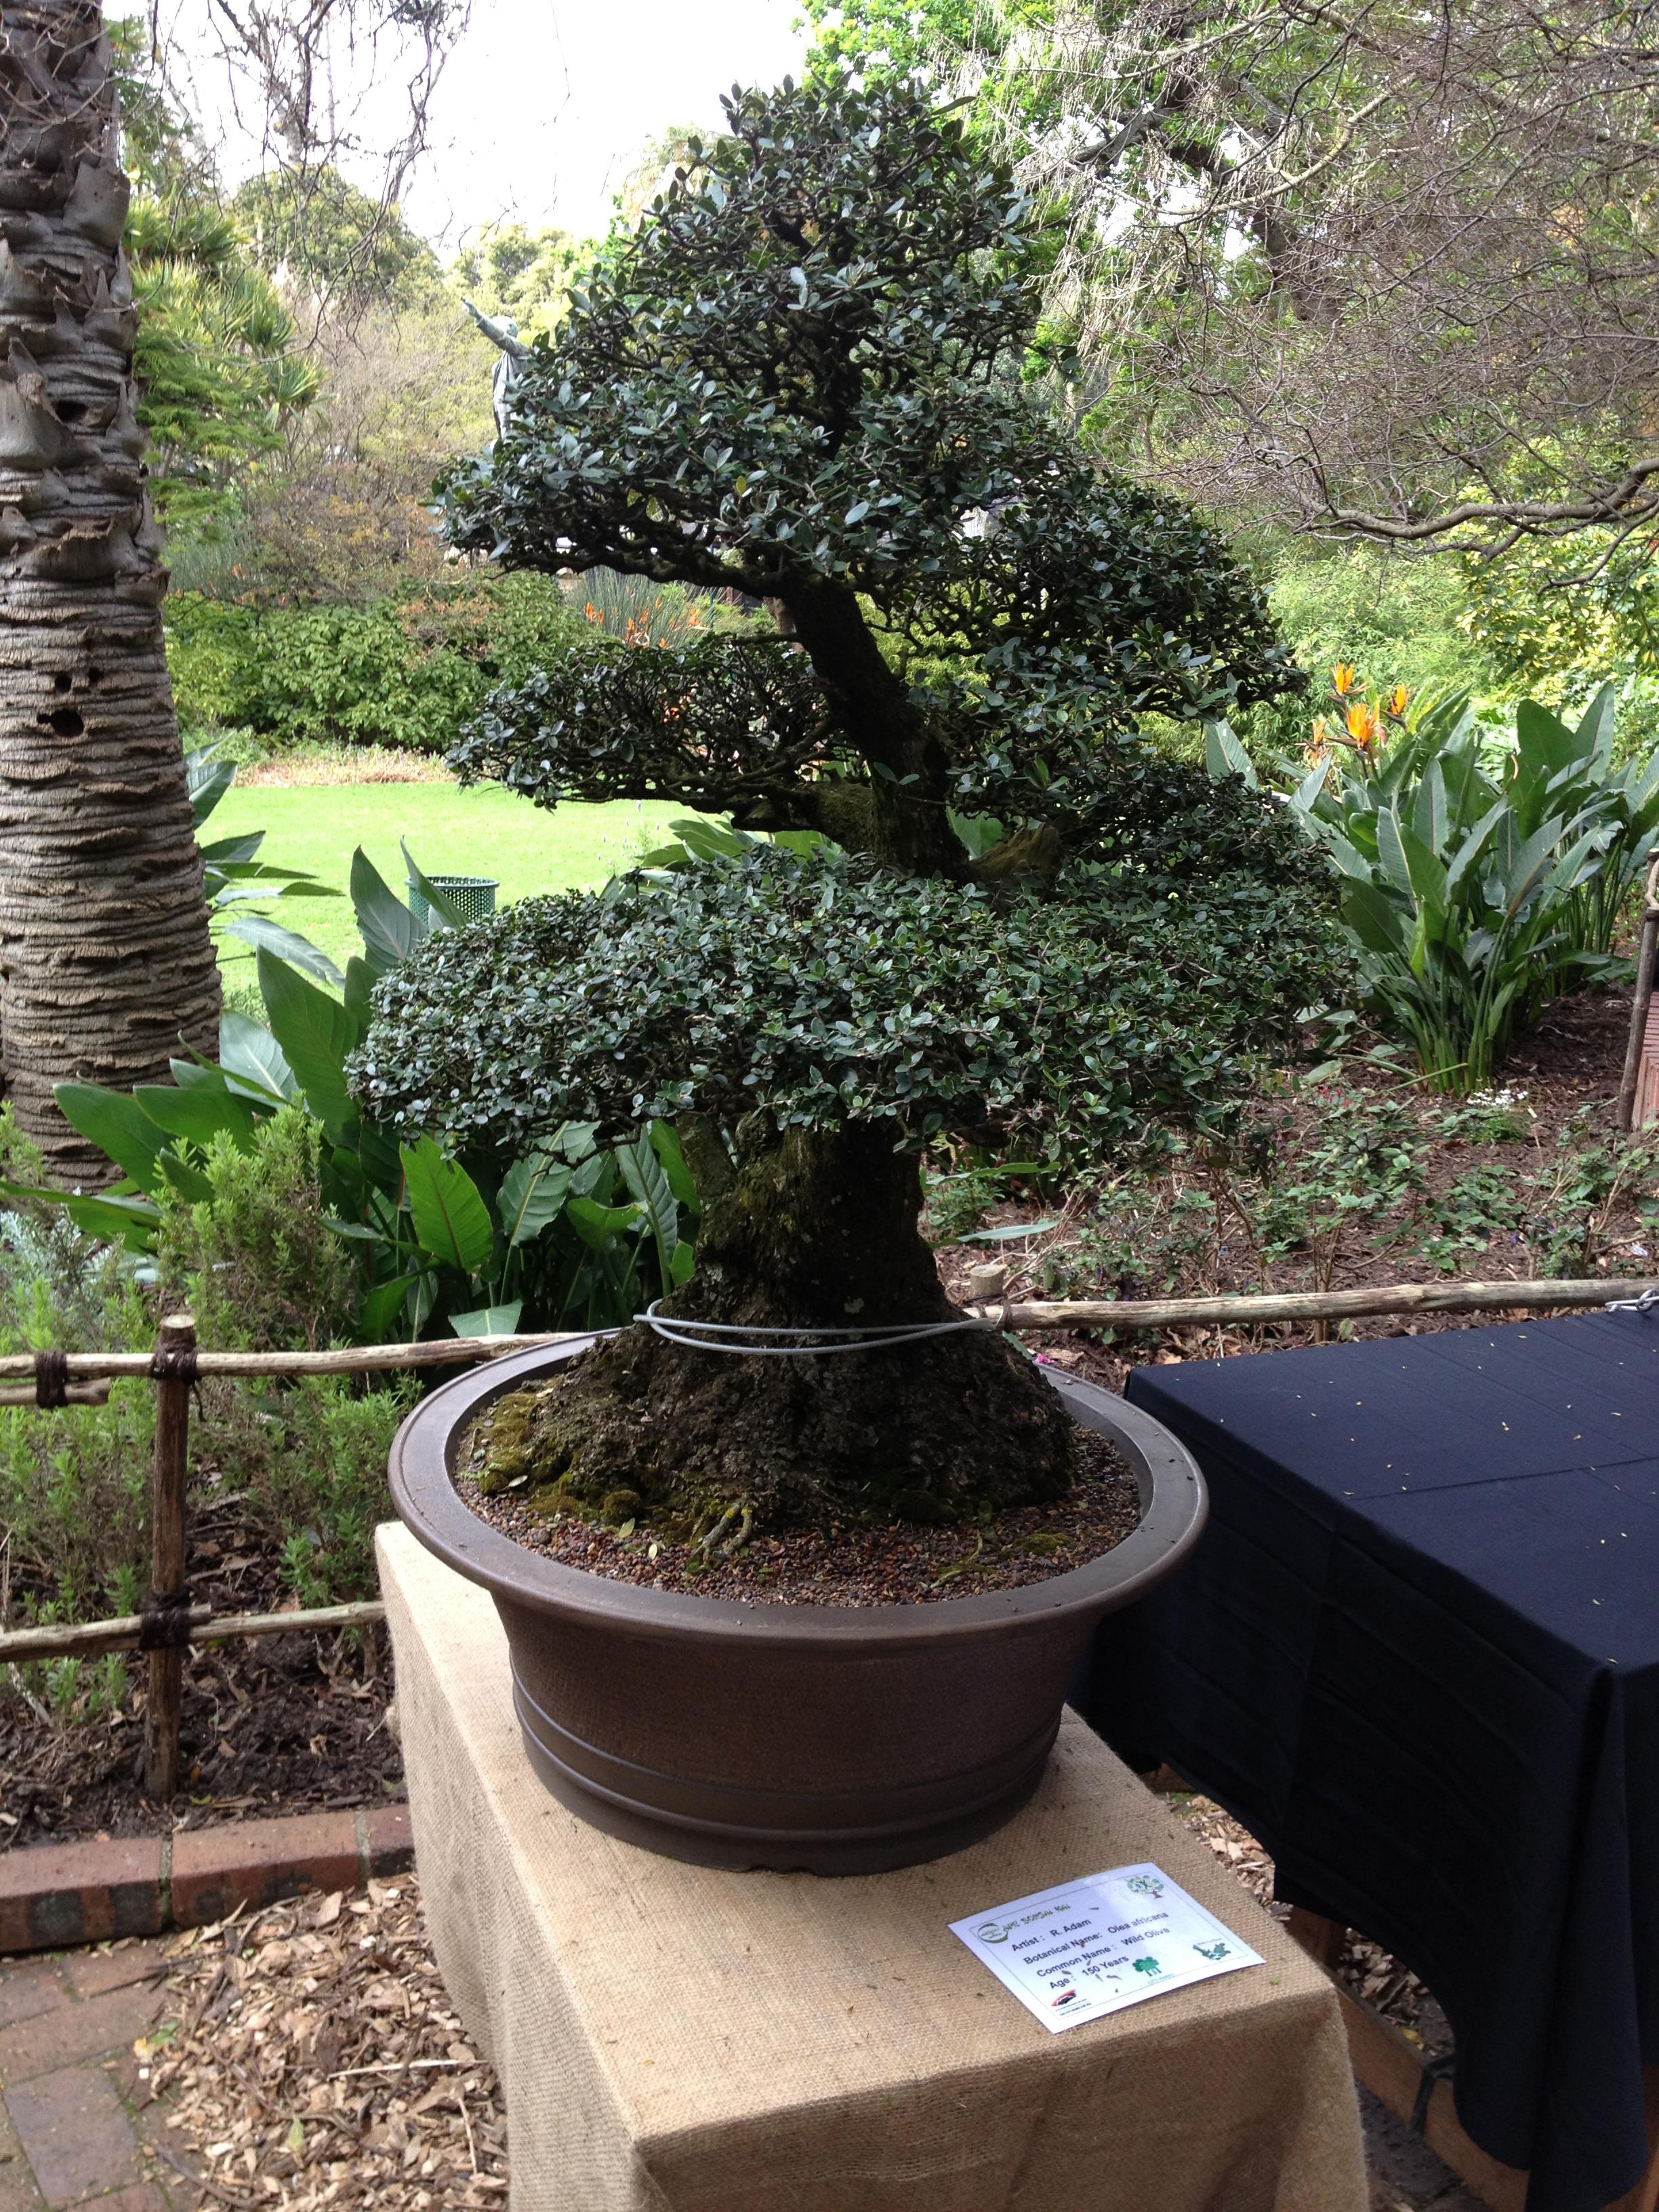 Bonsai Mr Miyagi : bonsai, miyagi, Inspired, Miyagi, Namutebikabalikagwa